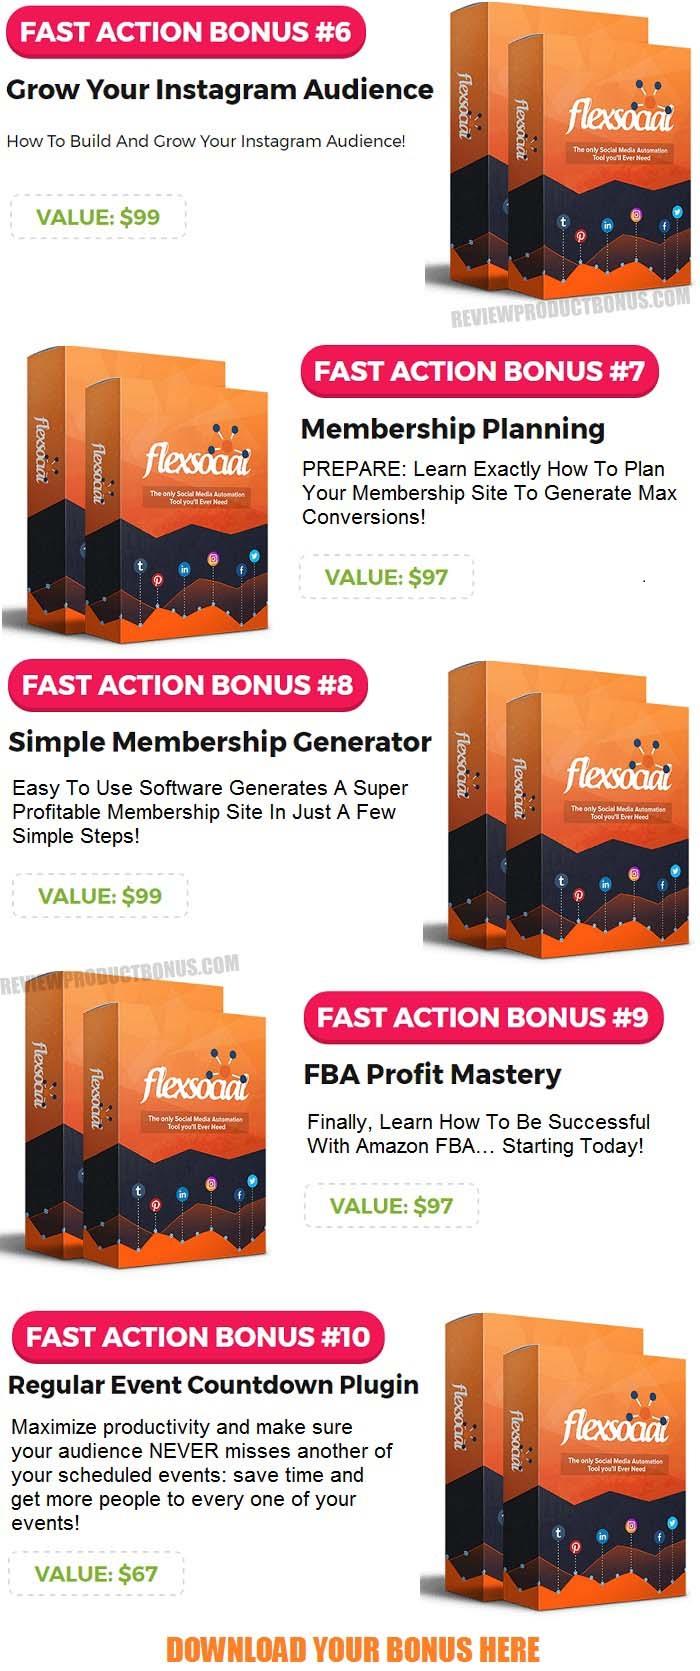 Flexsocial Review & Bonus